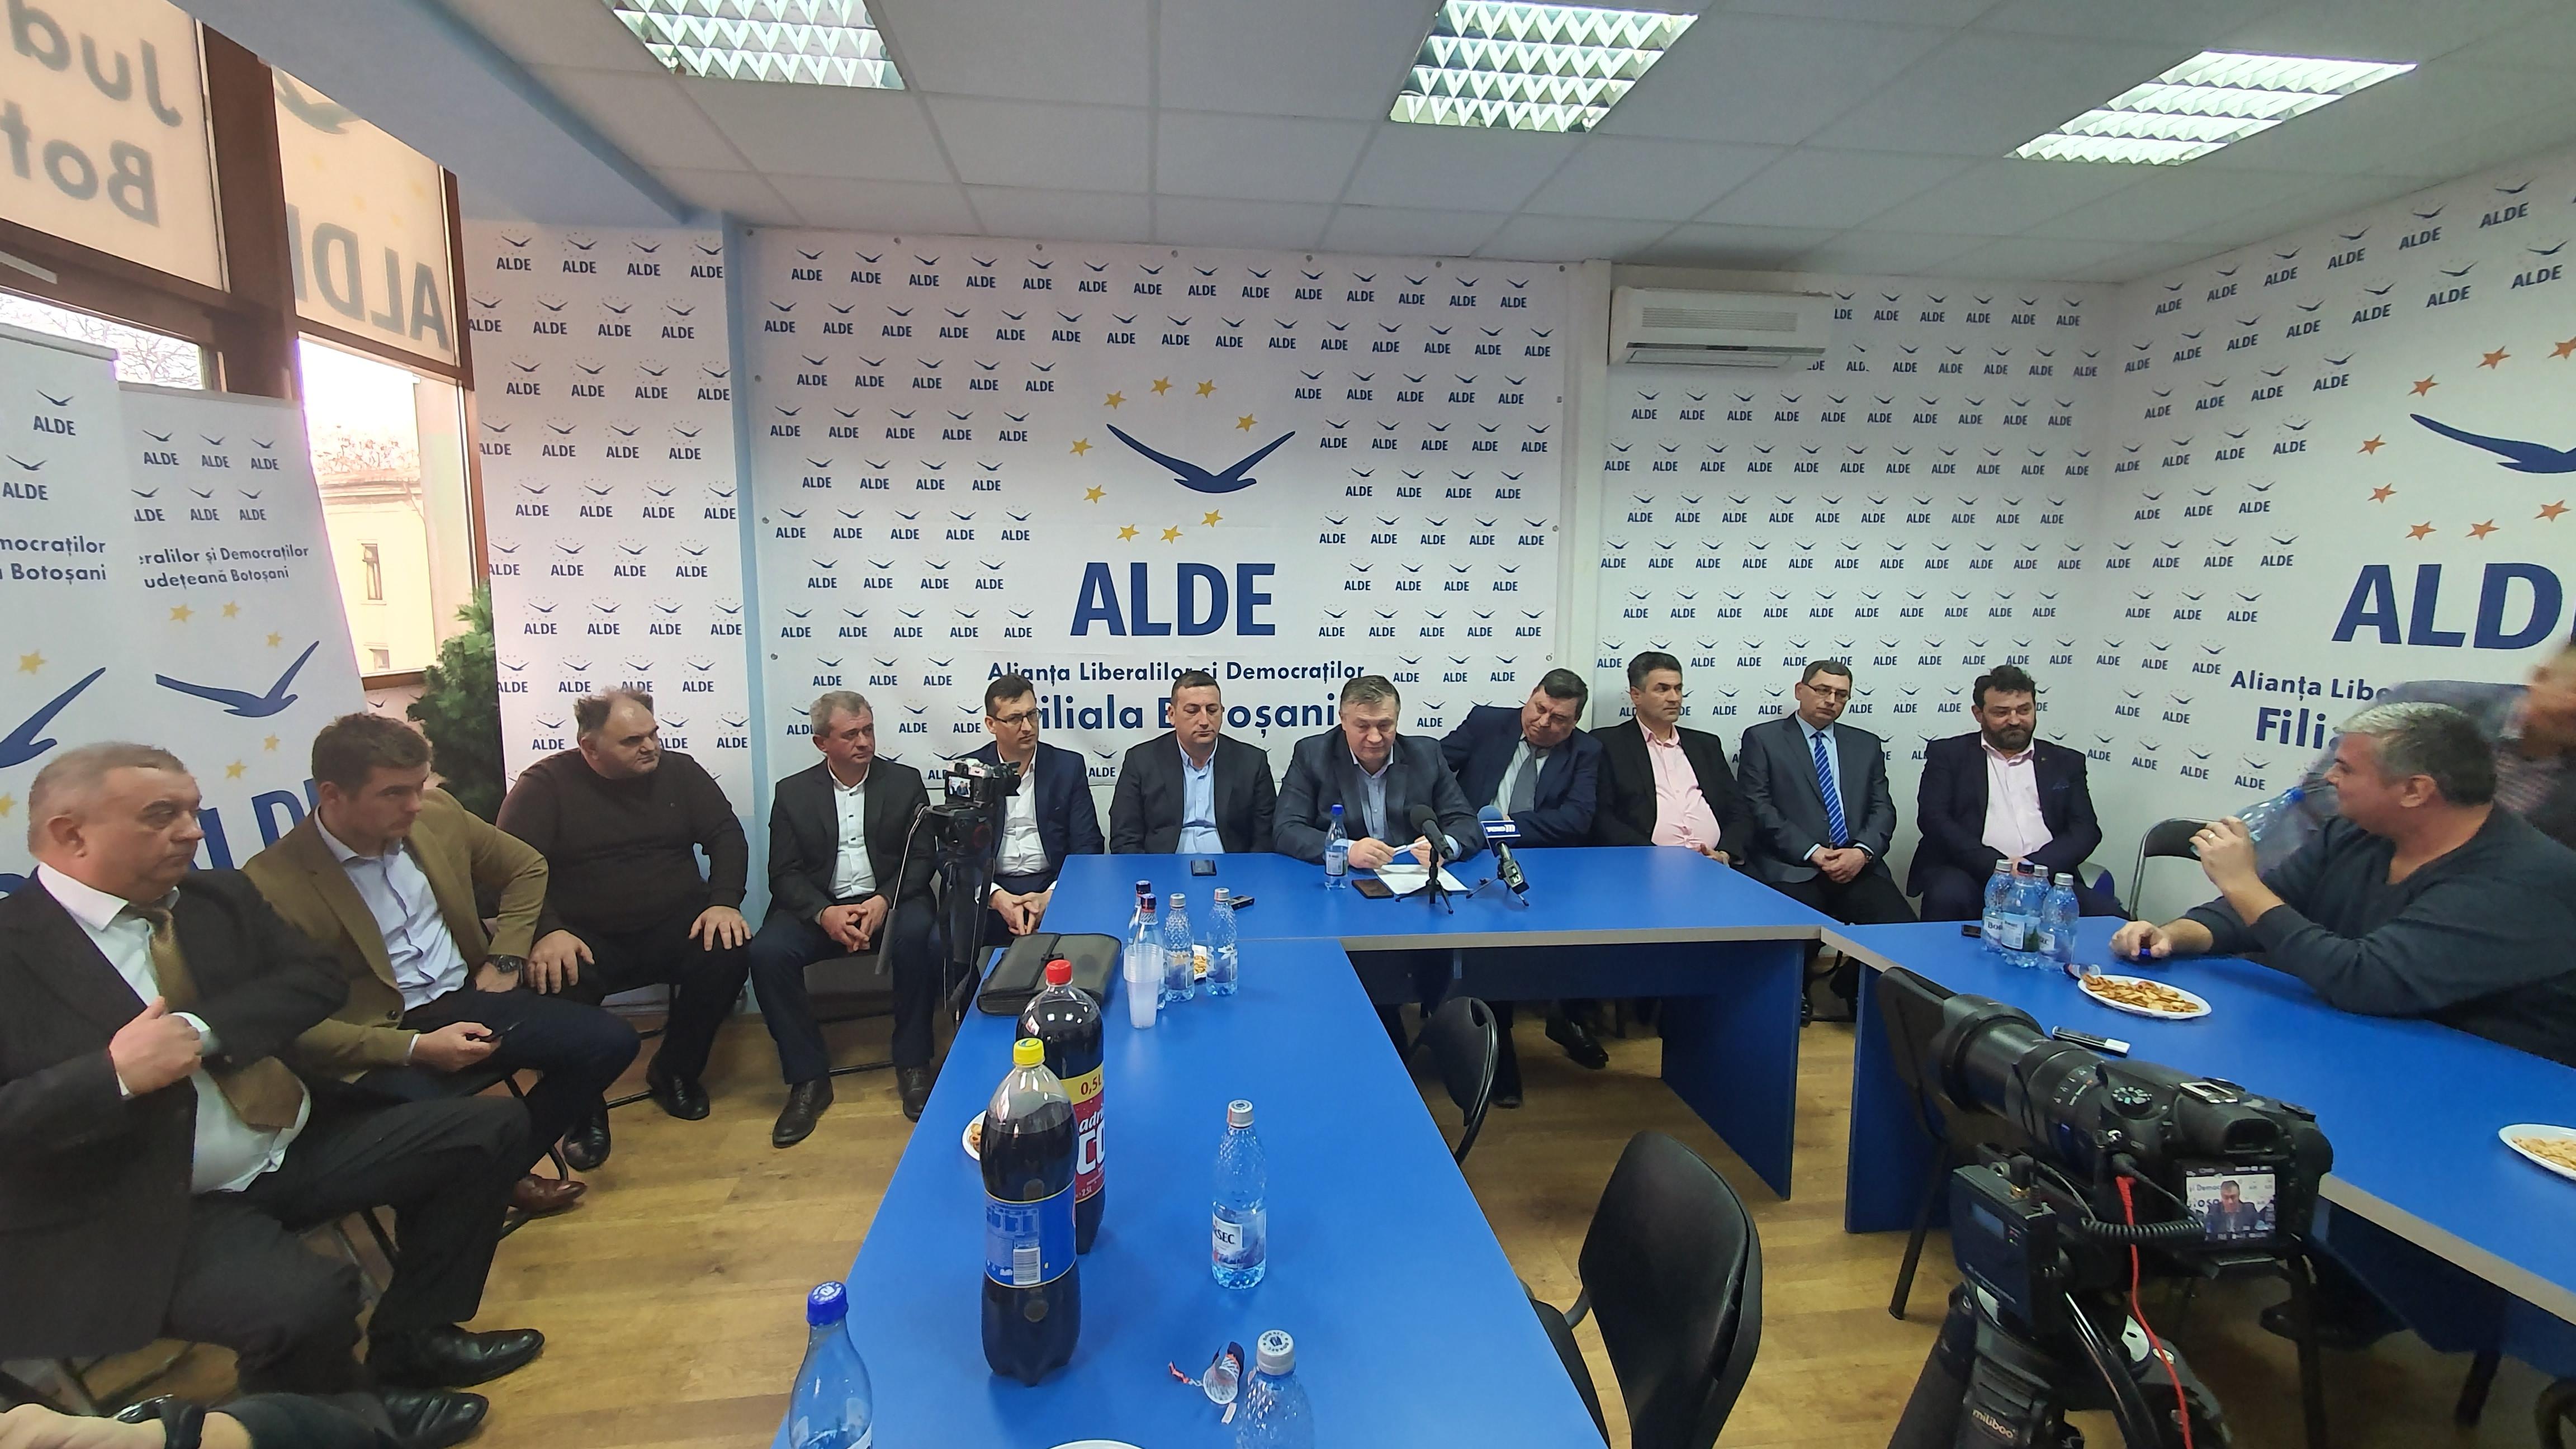 Conducerea ALDE Botosani a prezentat astăzi în fața presei înca 10 candidați pentru primăriile din județ